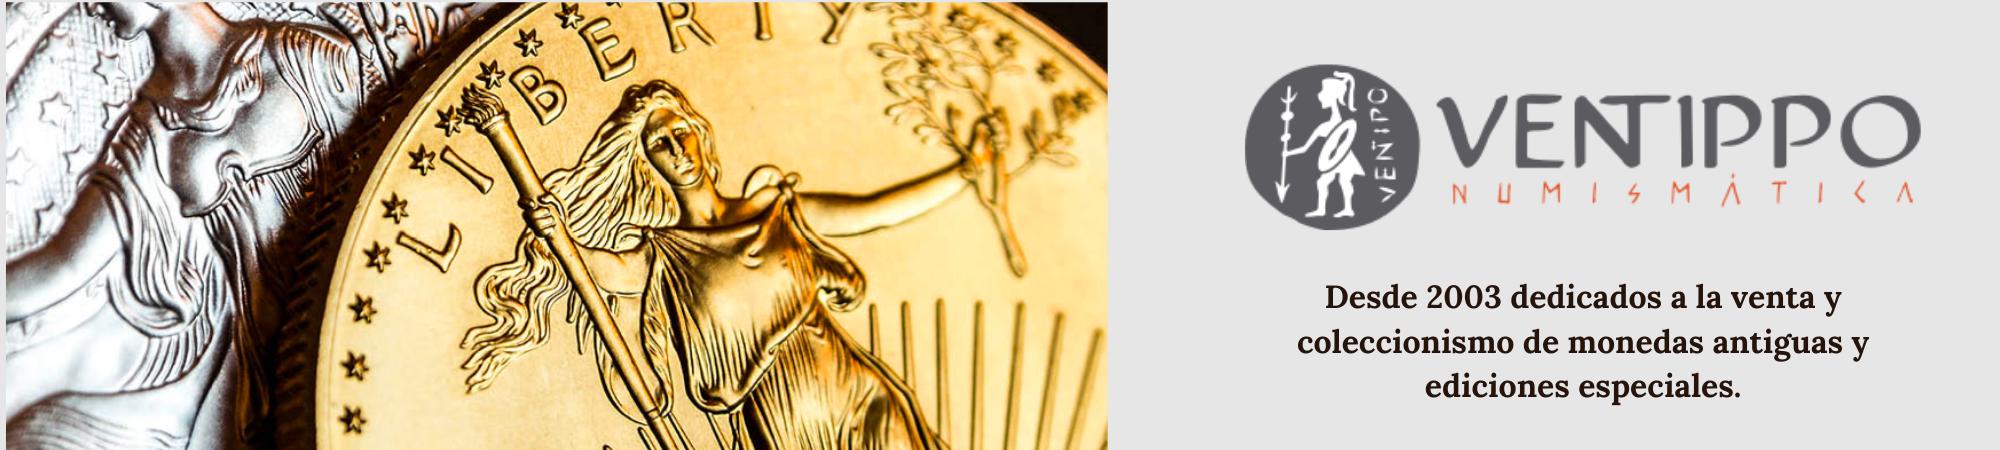 Numismática Ventippo. Venta y coleccionismo de monedas antiguas y ediciones especiales.